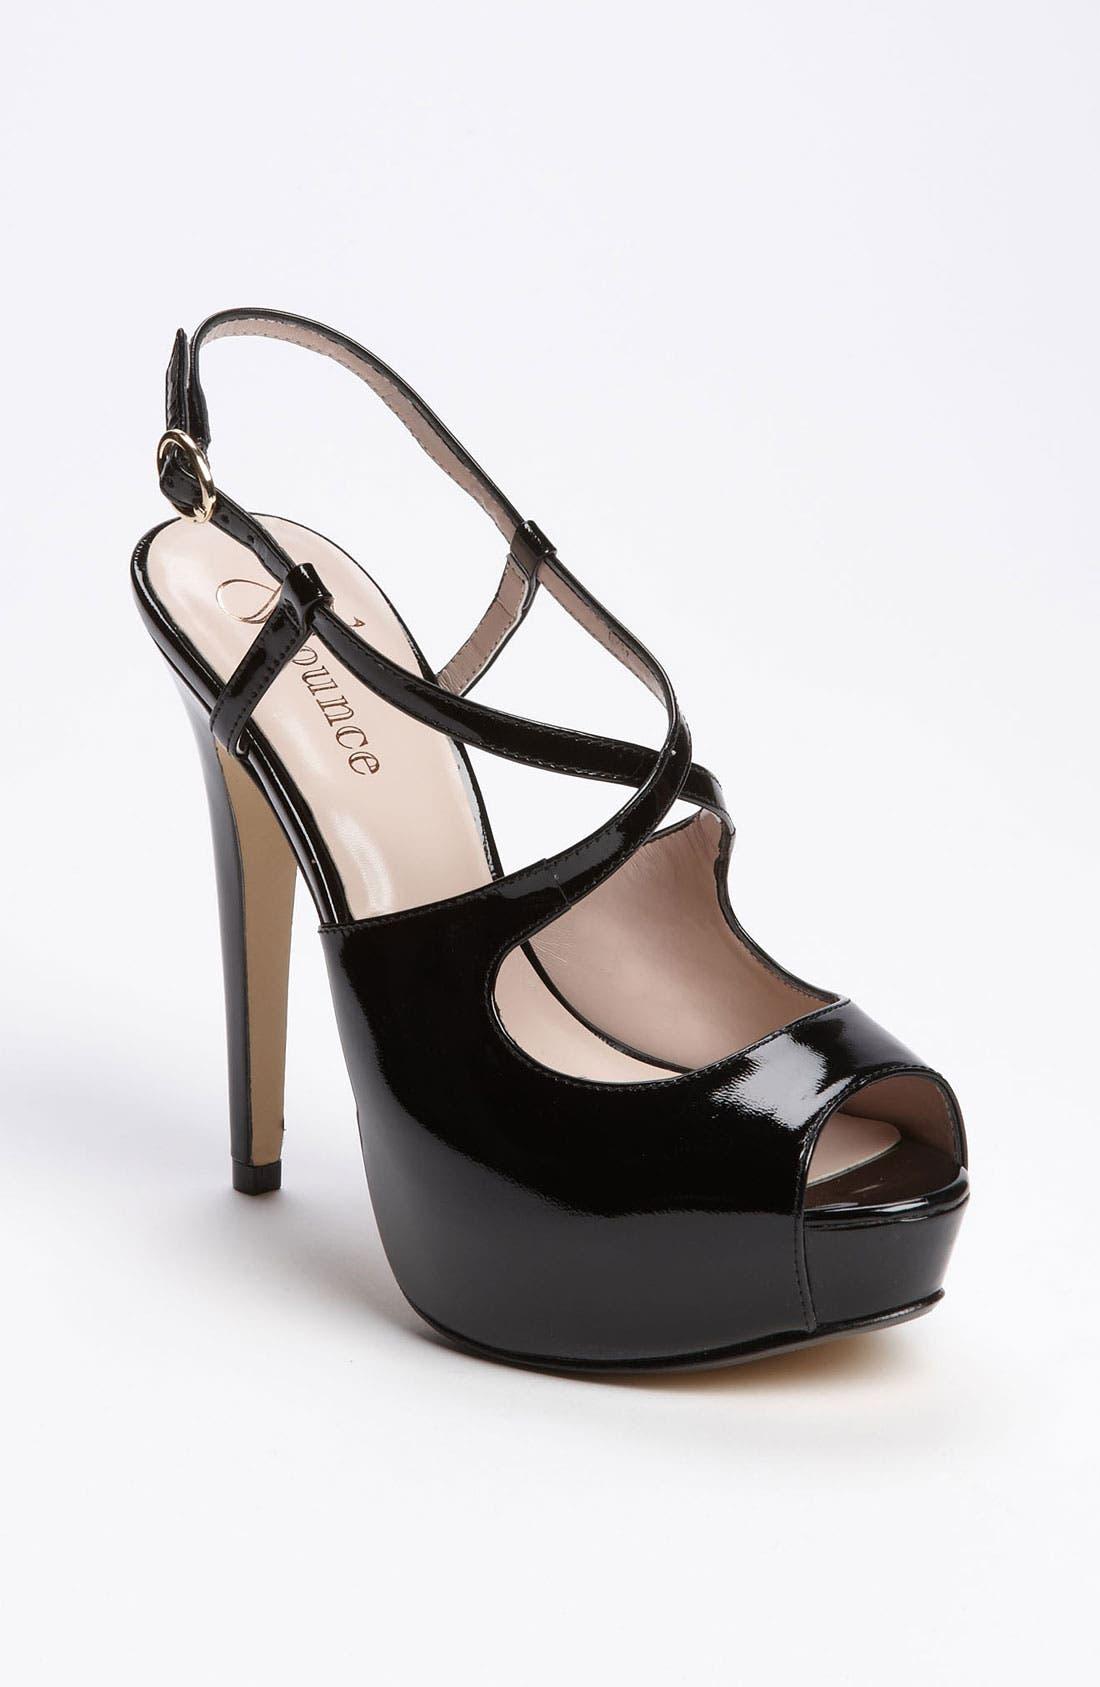 Main Image - Flounce 'Dazzle' Platform Sandal